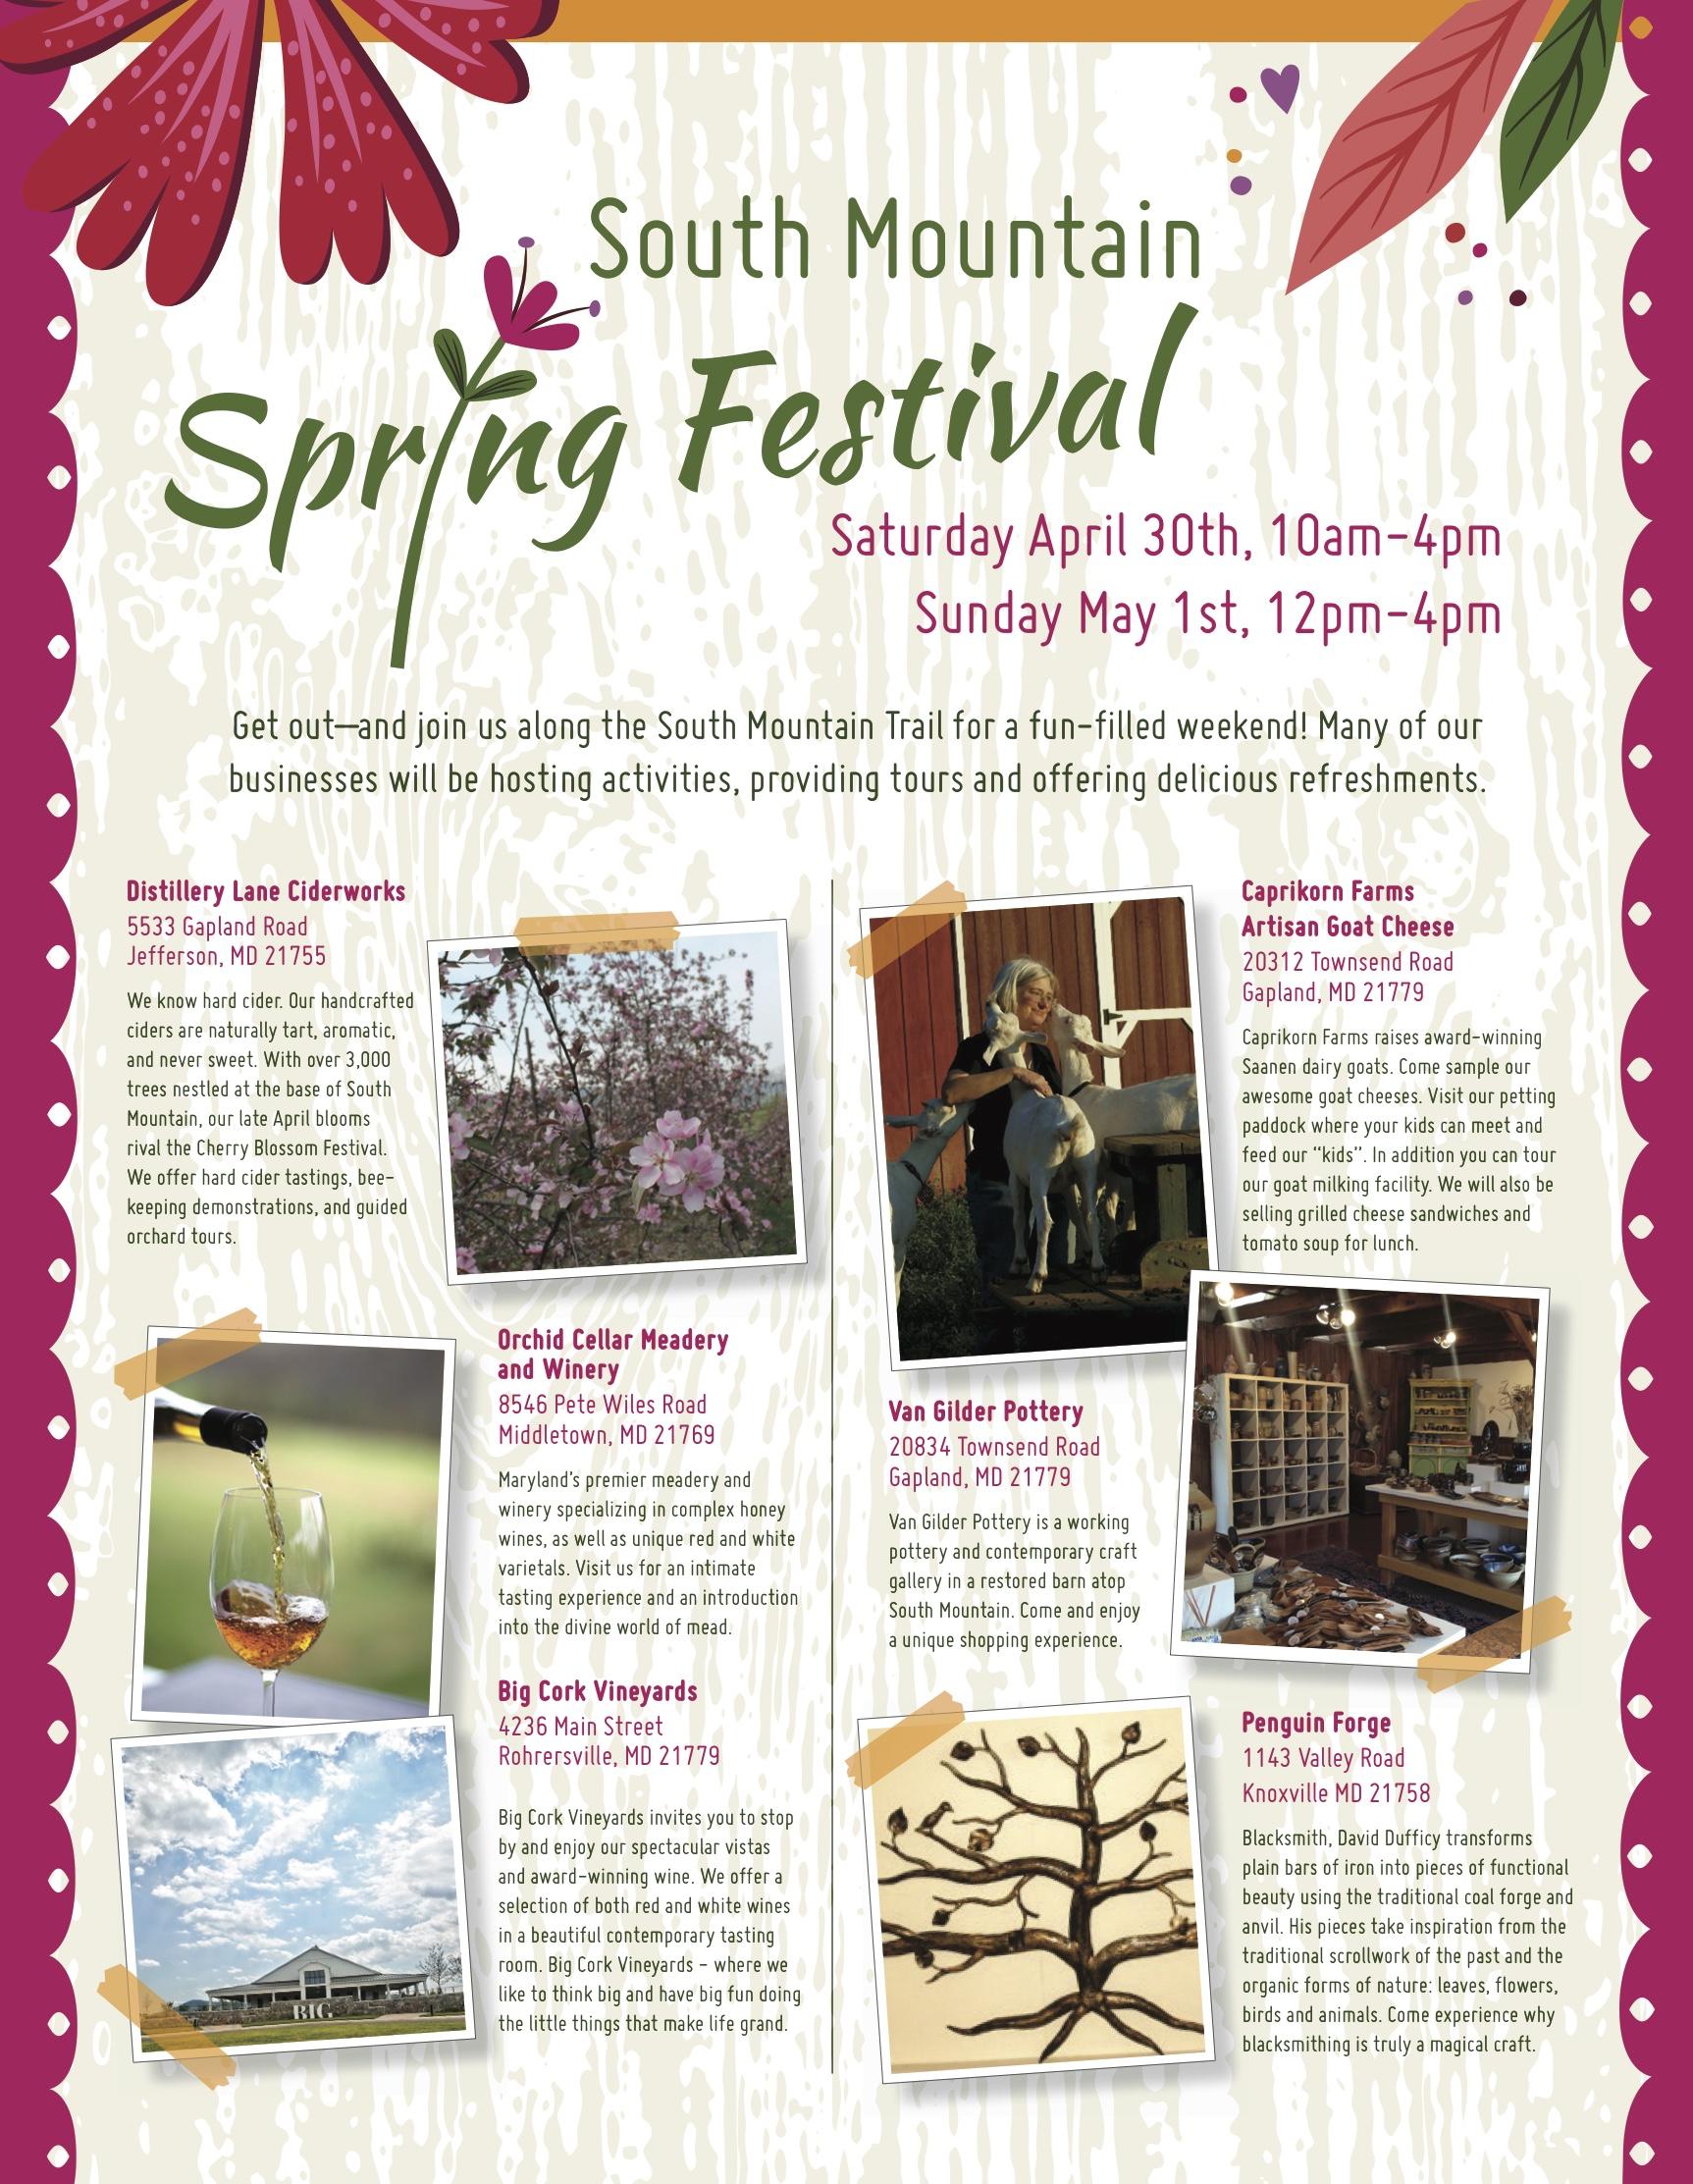 South Mountain Spring Festival Flyer